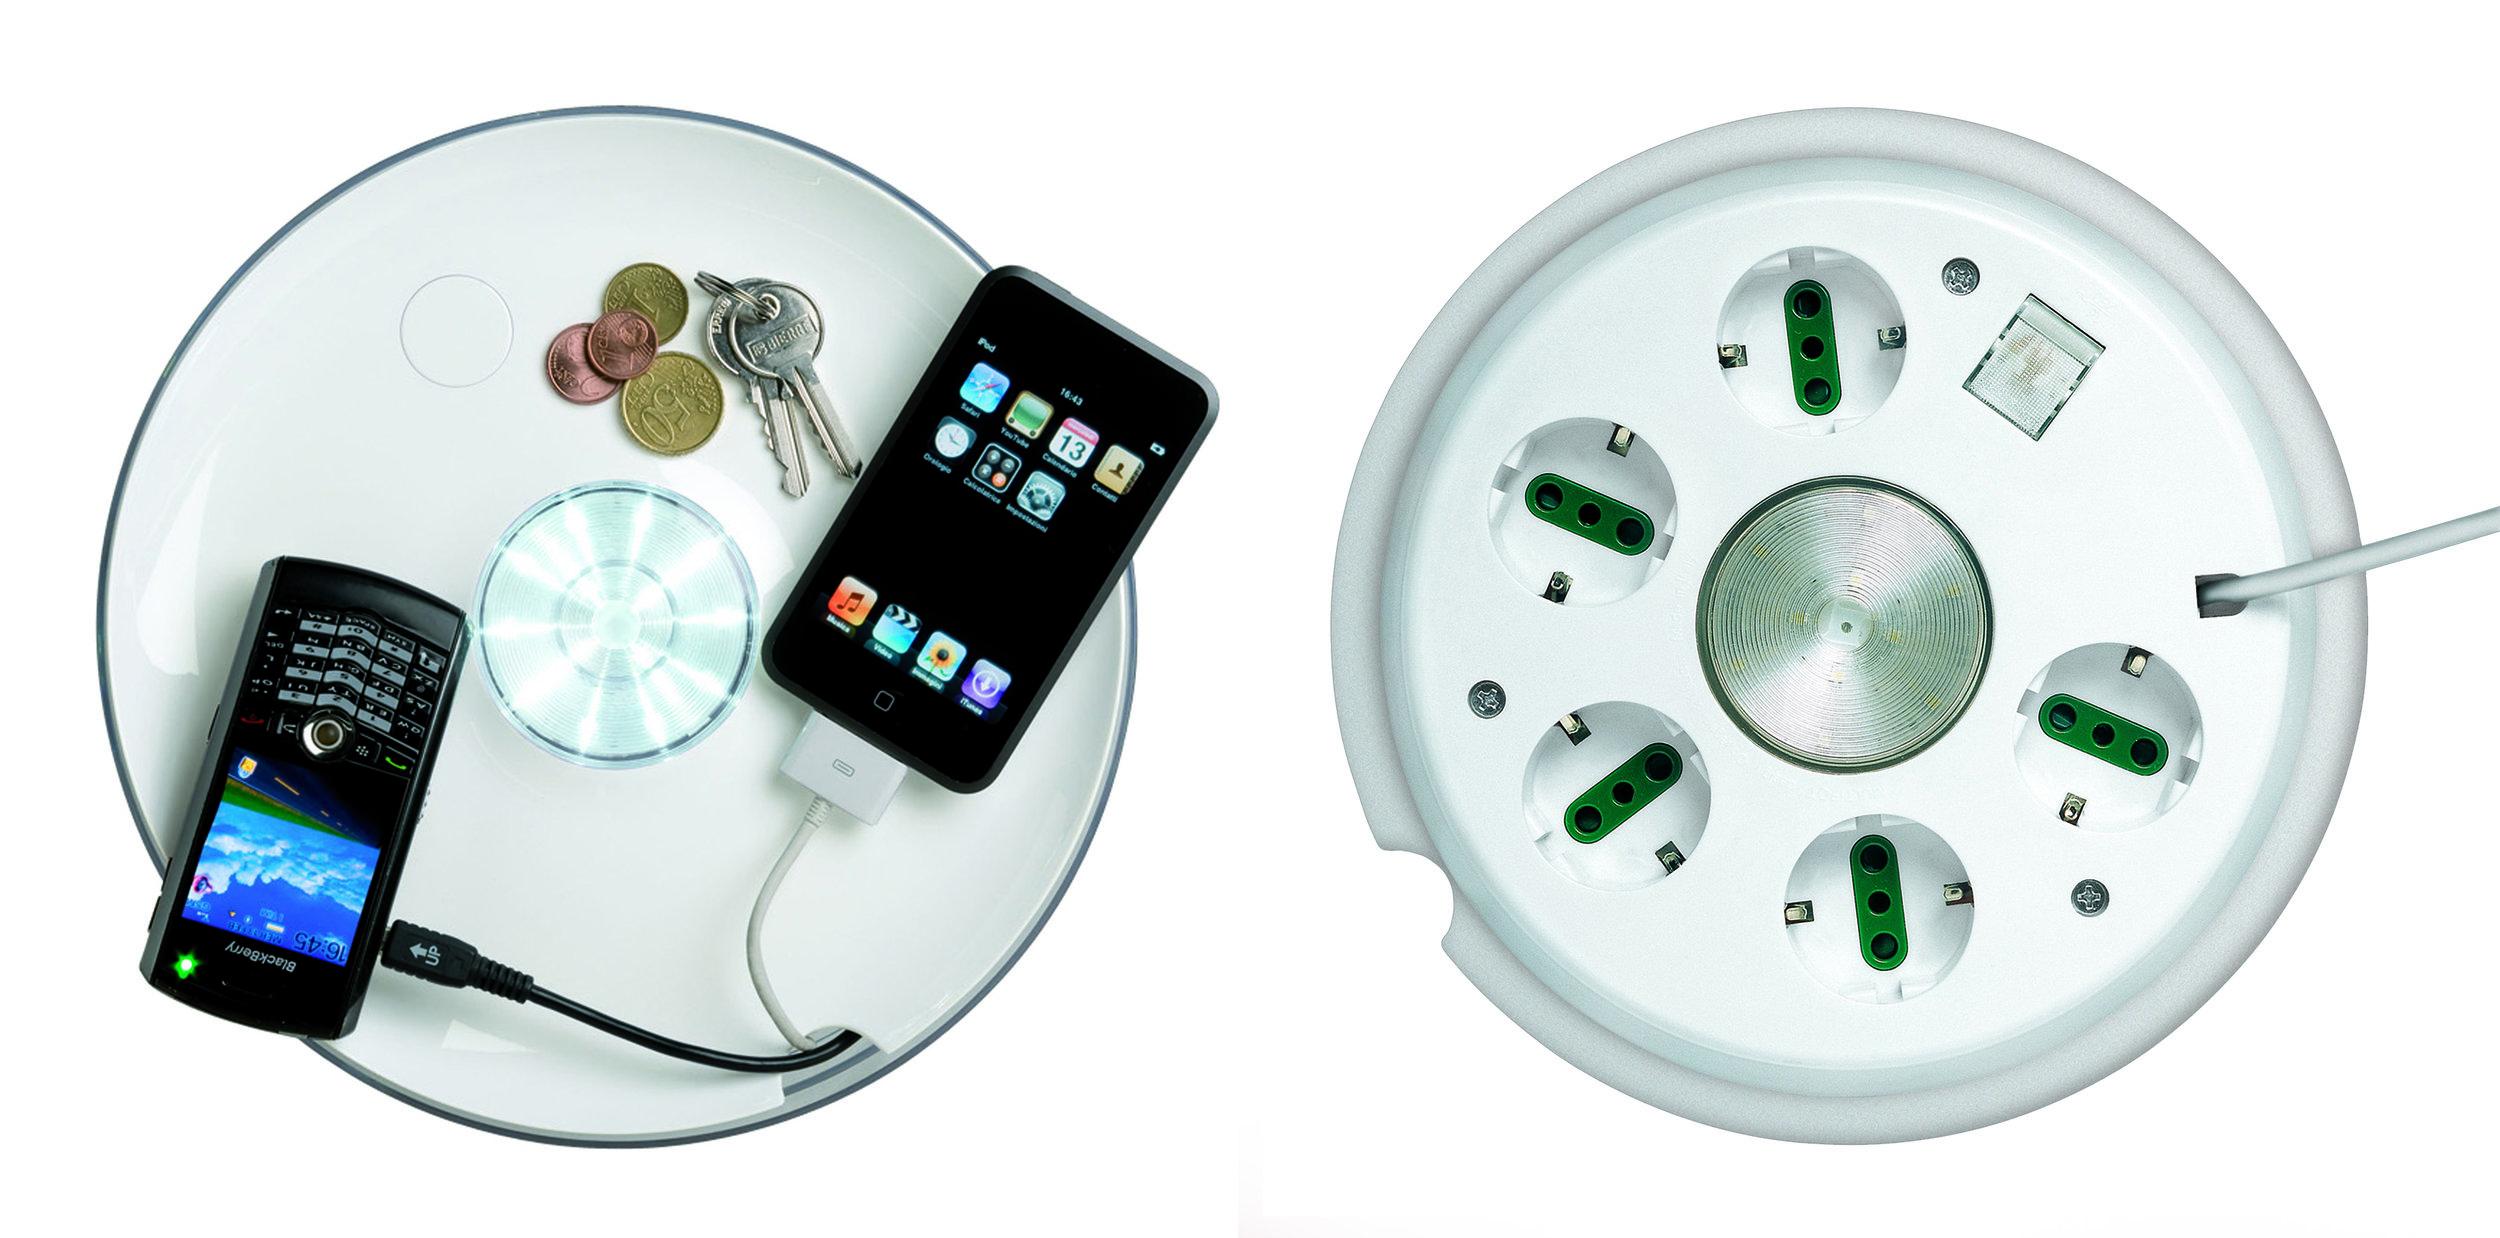 Multipot - Rotaliana, 2005 con Dante DoneganiLa forma è quella di un vaso, la funzione è multipla: un vassoio porta oggetti, un hub di ricarica nascosto, un vaso per la raccolta cavi, luce d'accento. Nel 2015 la nuova versione Multipot + ha luce LED RGB con interruttore touch sensitive dinamico, prese USB.Nel 2008 è stato segnalato al XXI° premio Compasso d'Oro ADI.